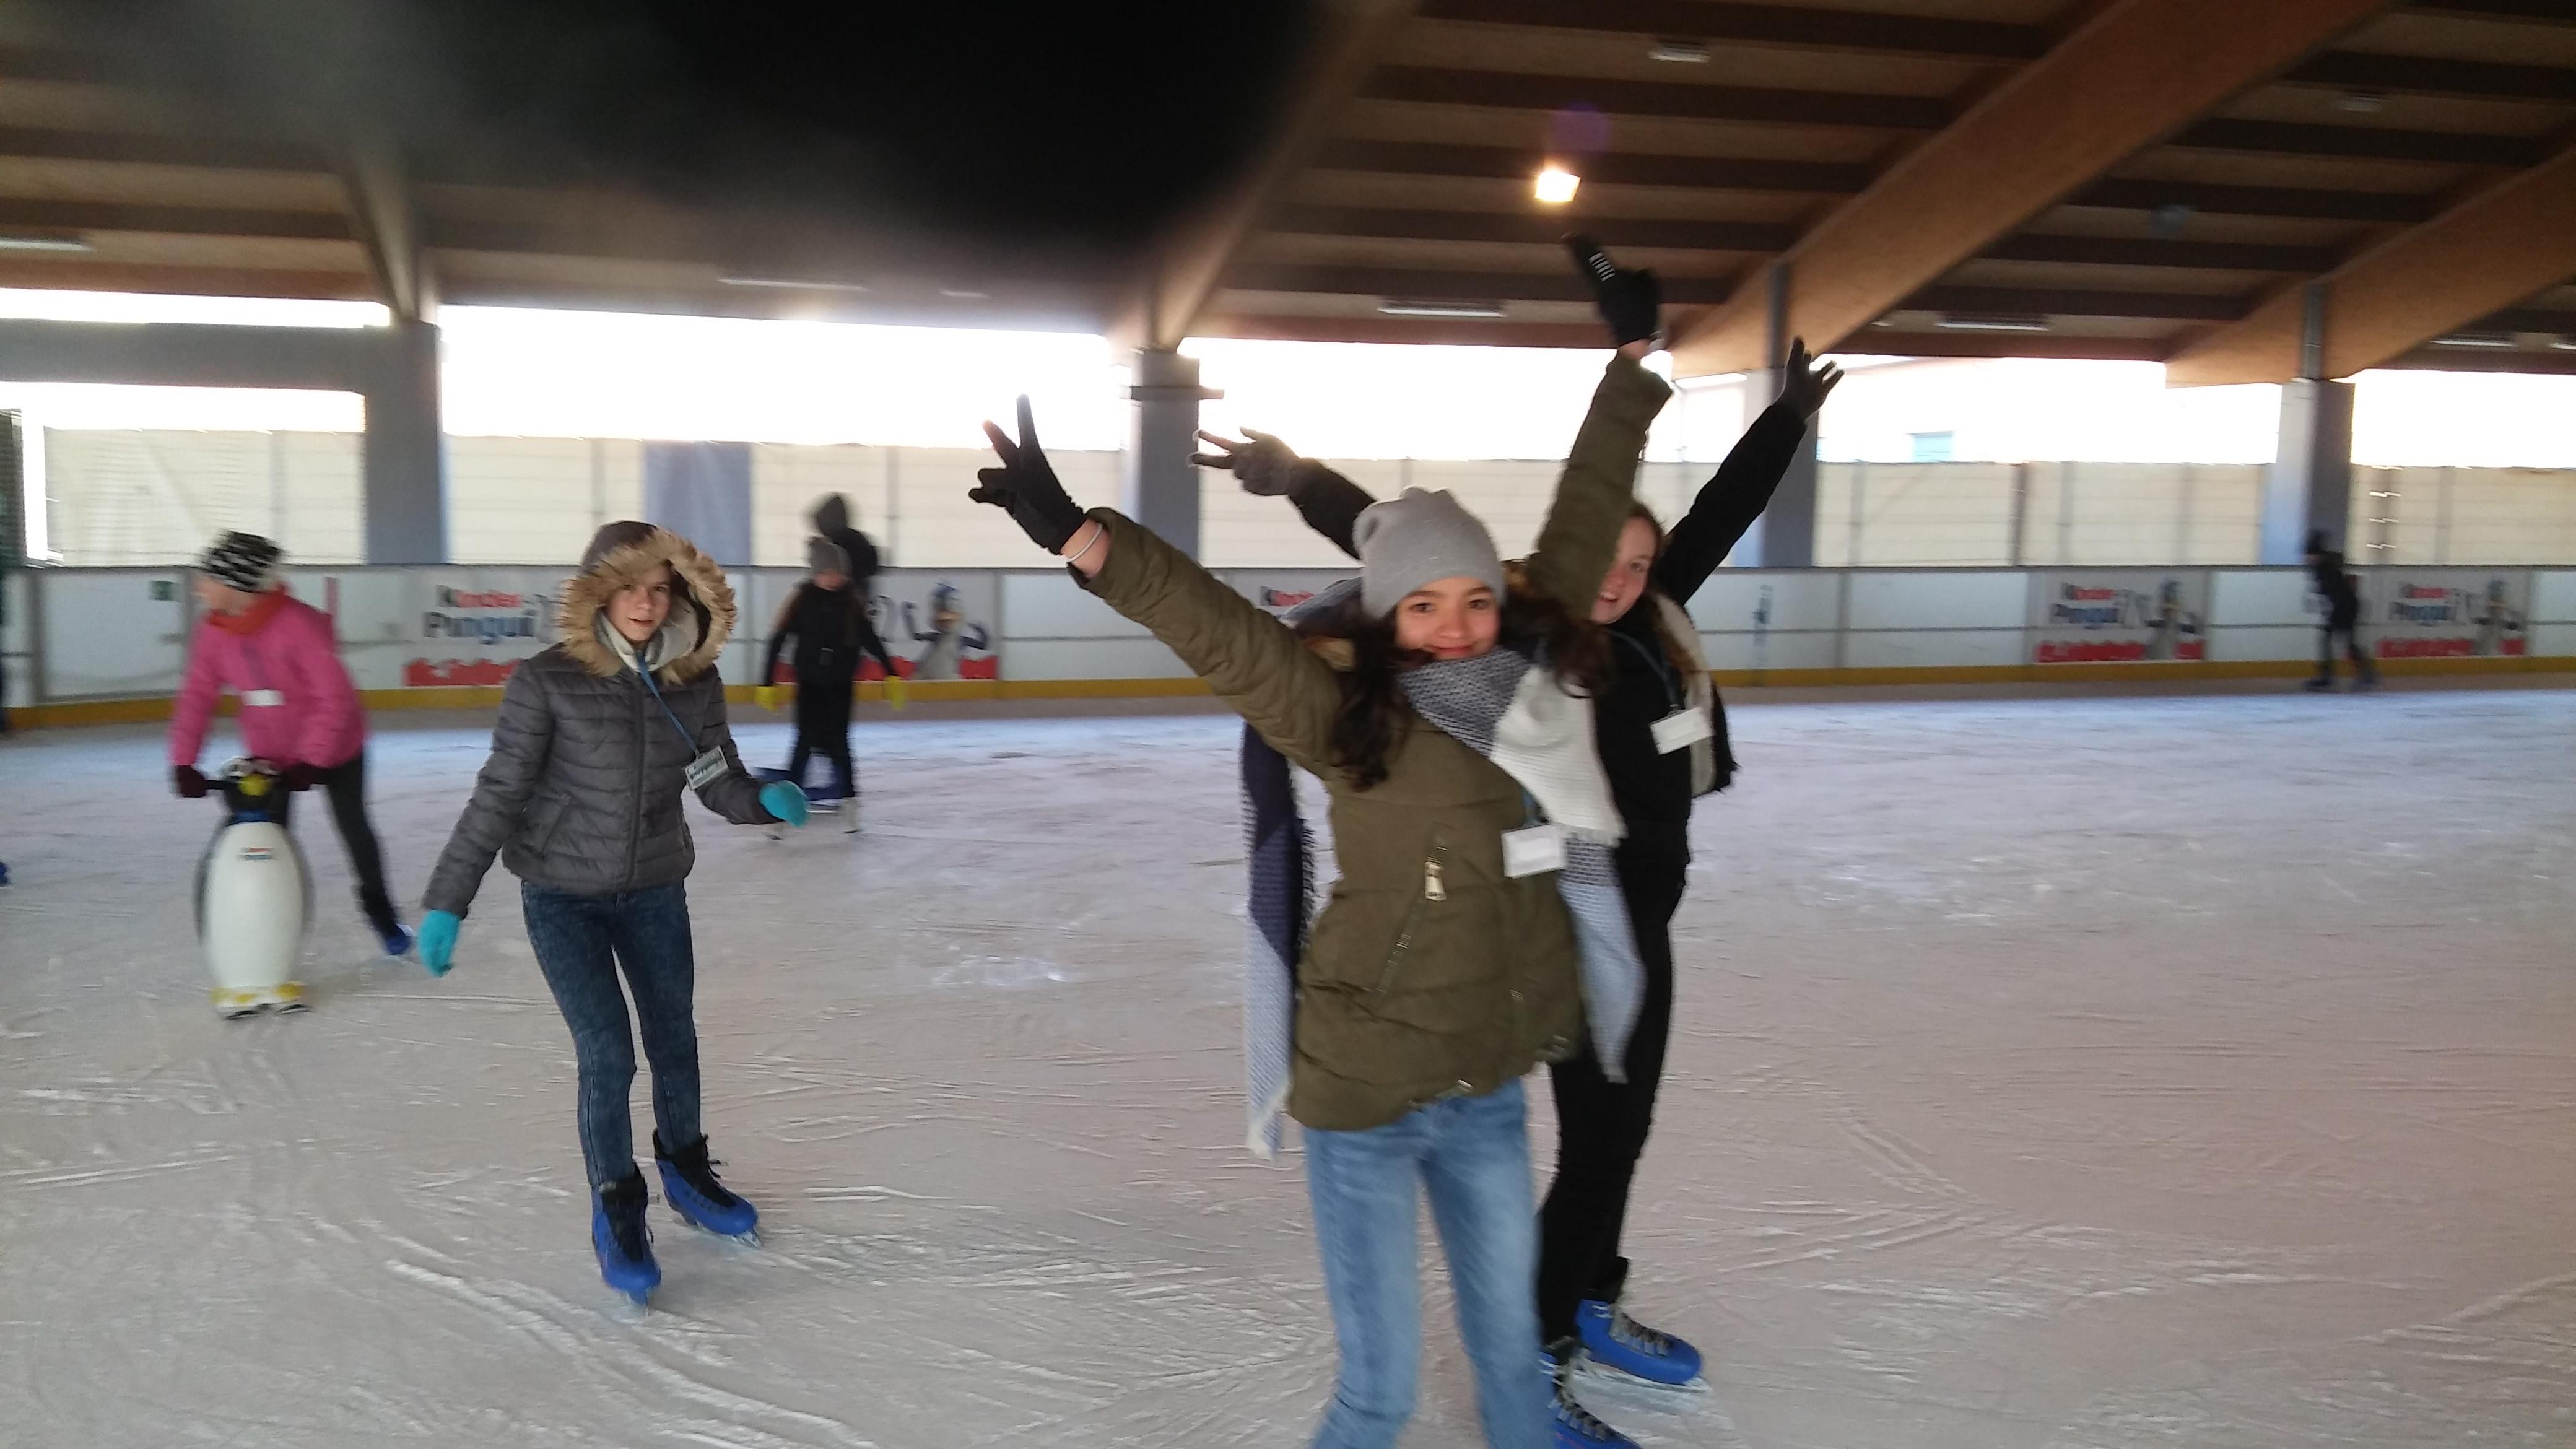 Wspaniała zabawa na lodowisku